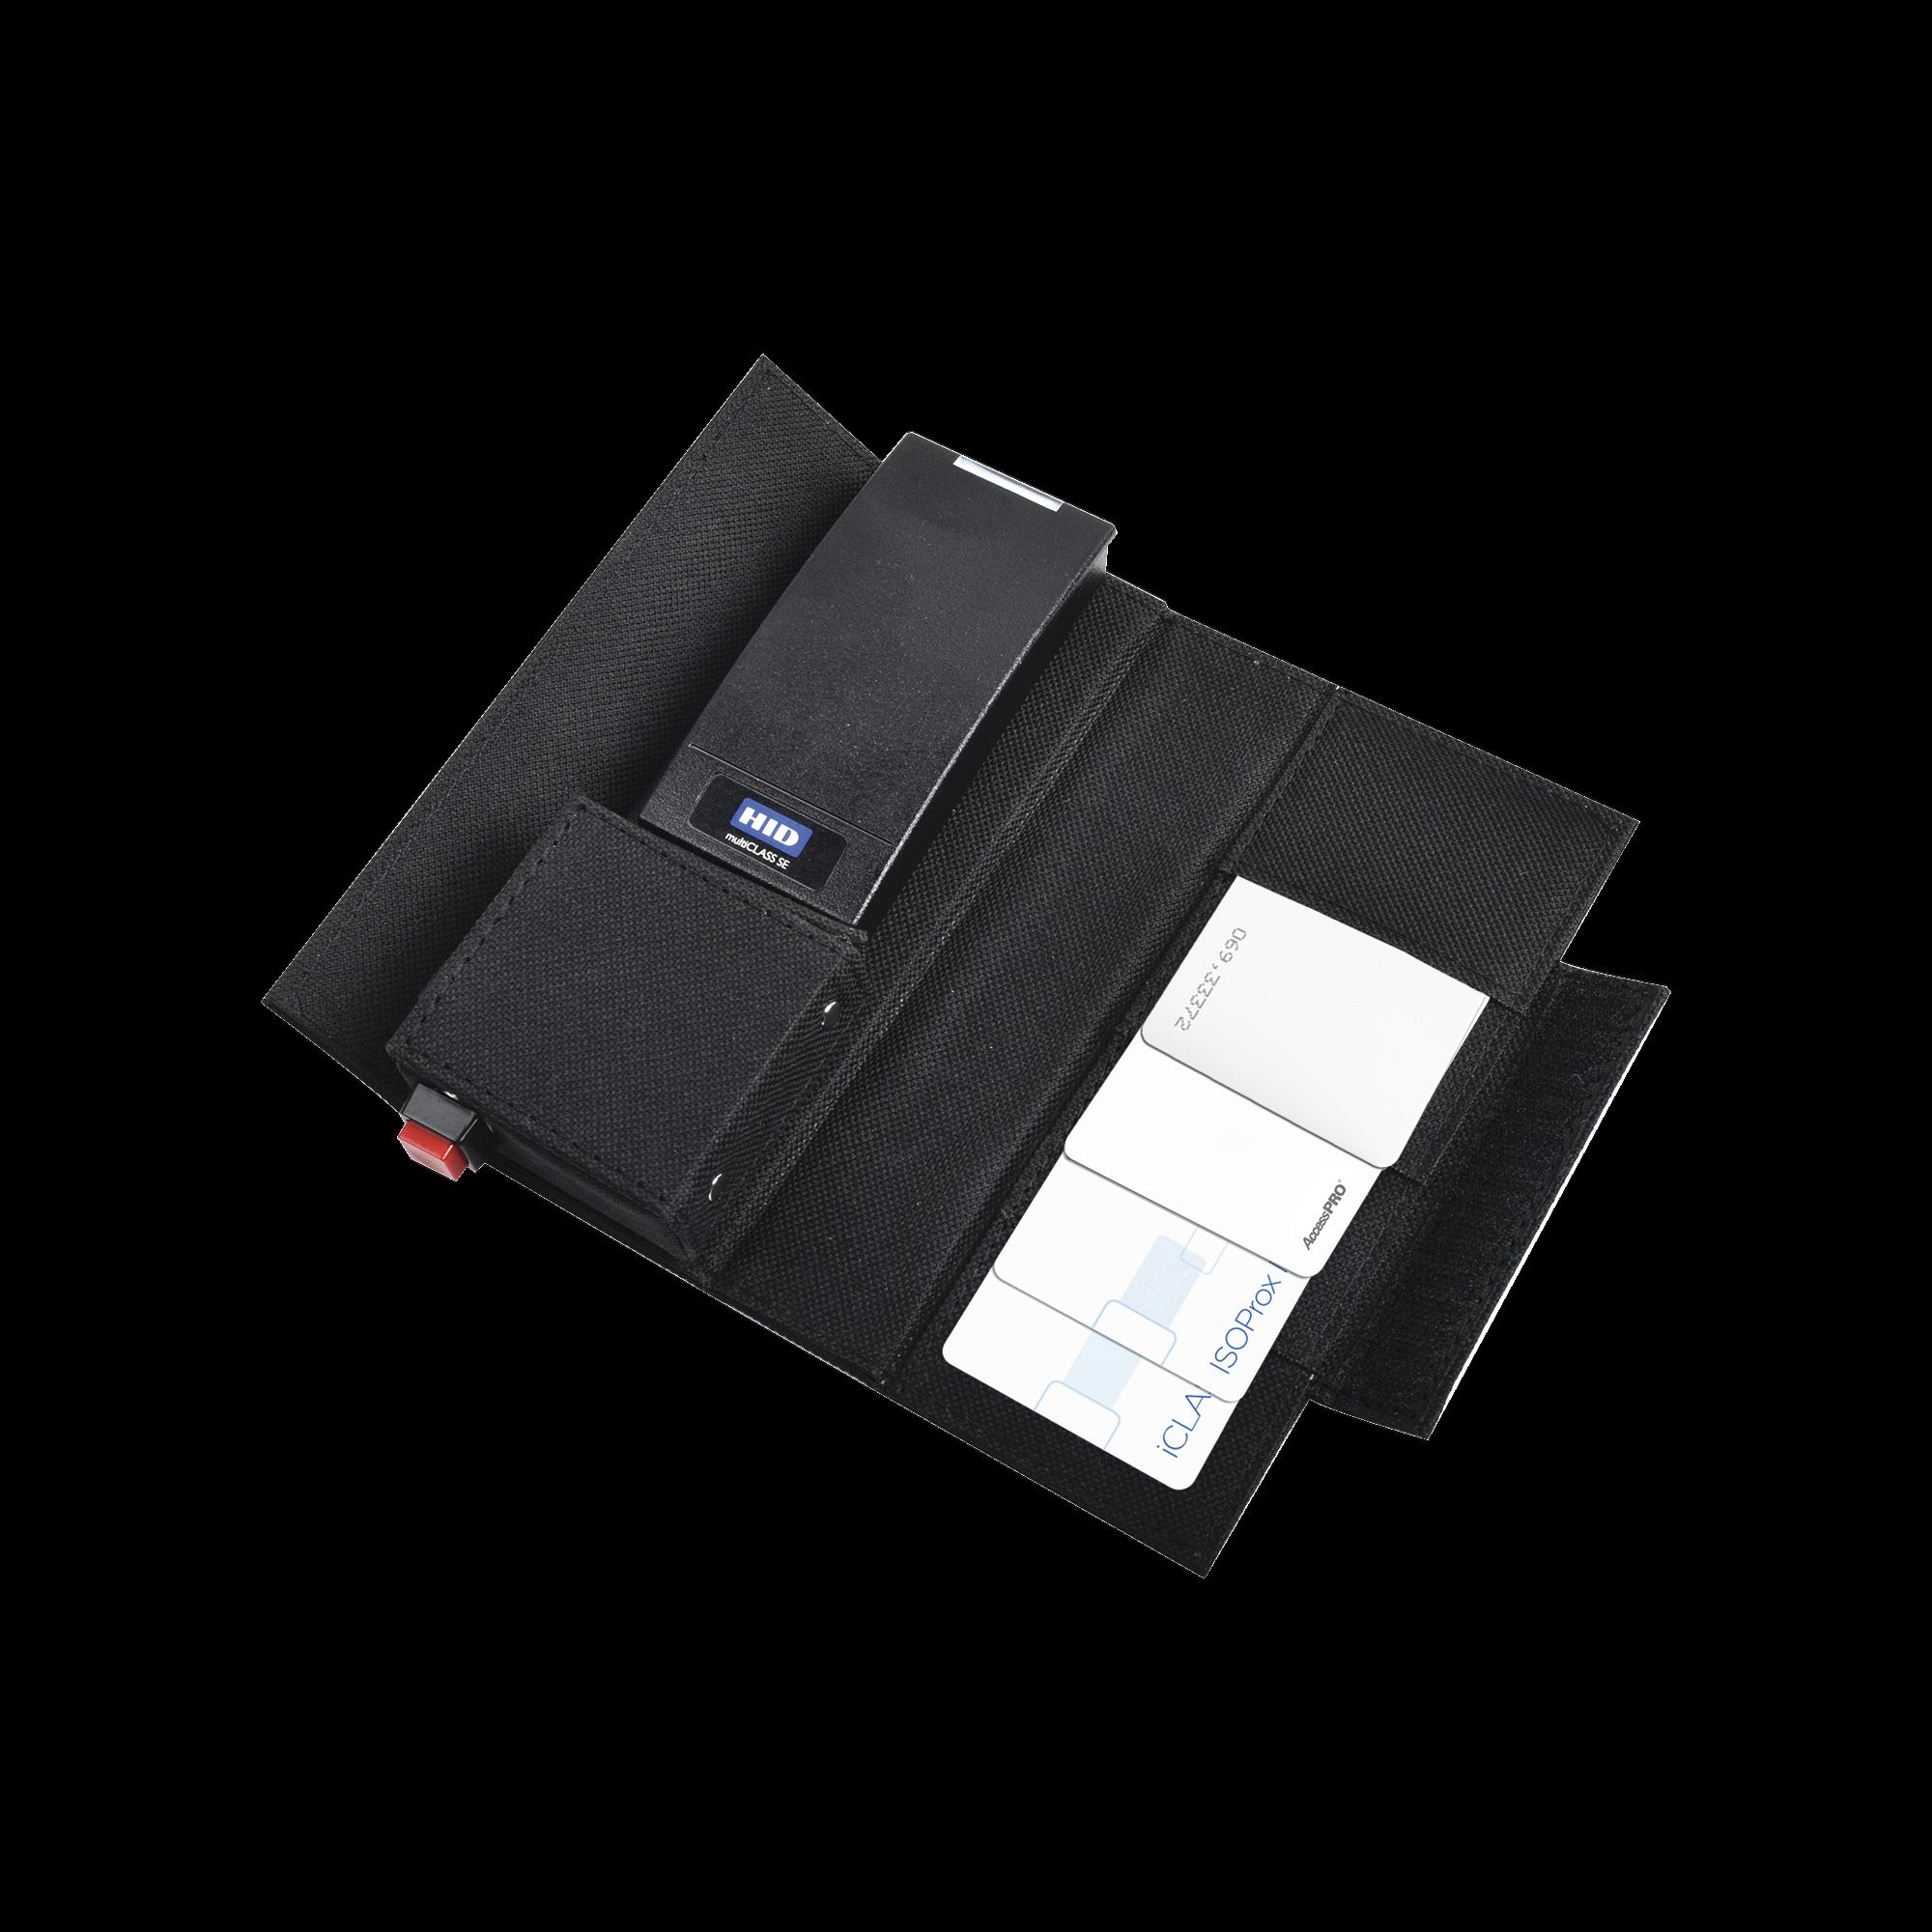 Kit DEMO HID / Incluye Lector Multiformato Bluetooth, Tarjetas PROX EM, HID, SEOS y Tarjeta Virtual MOBILEID